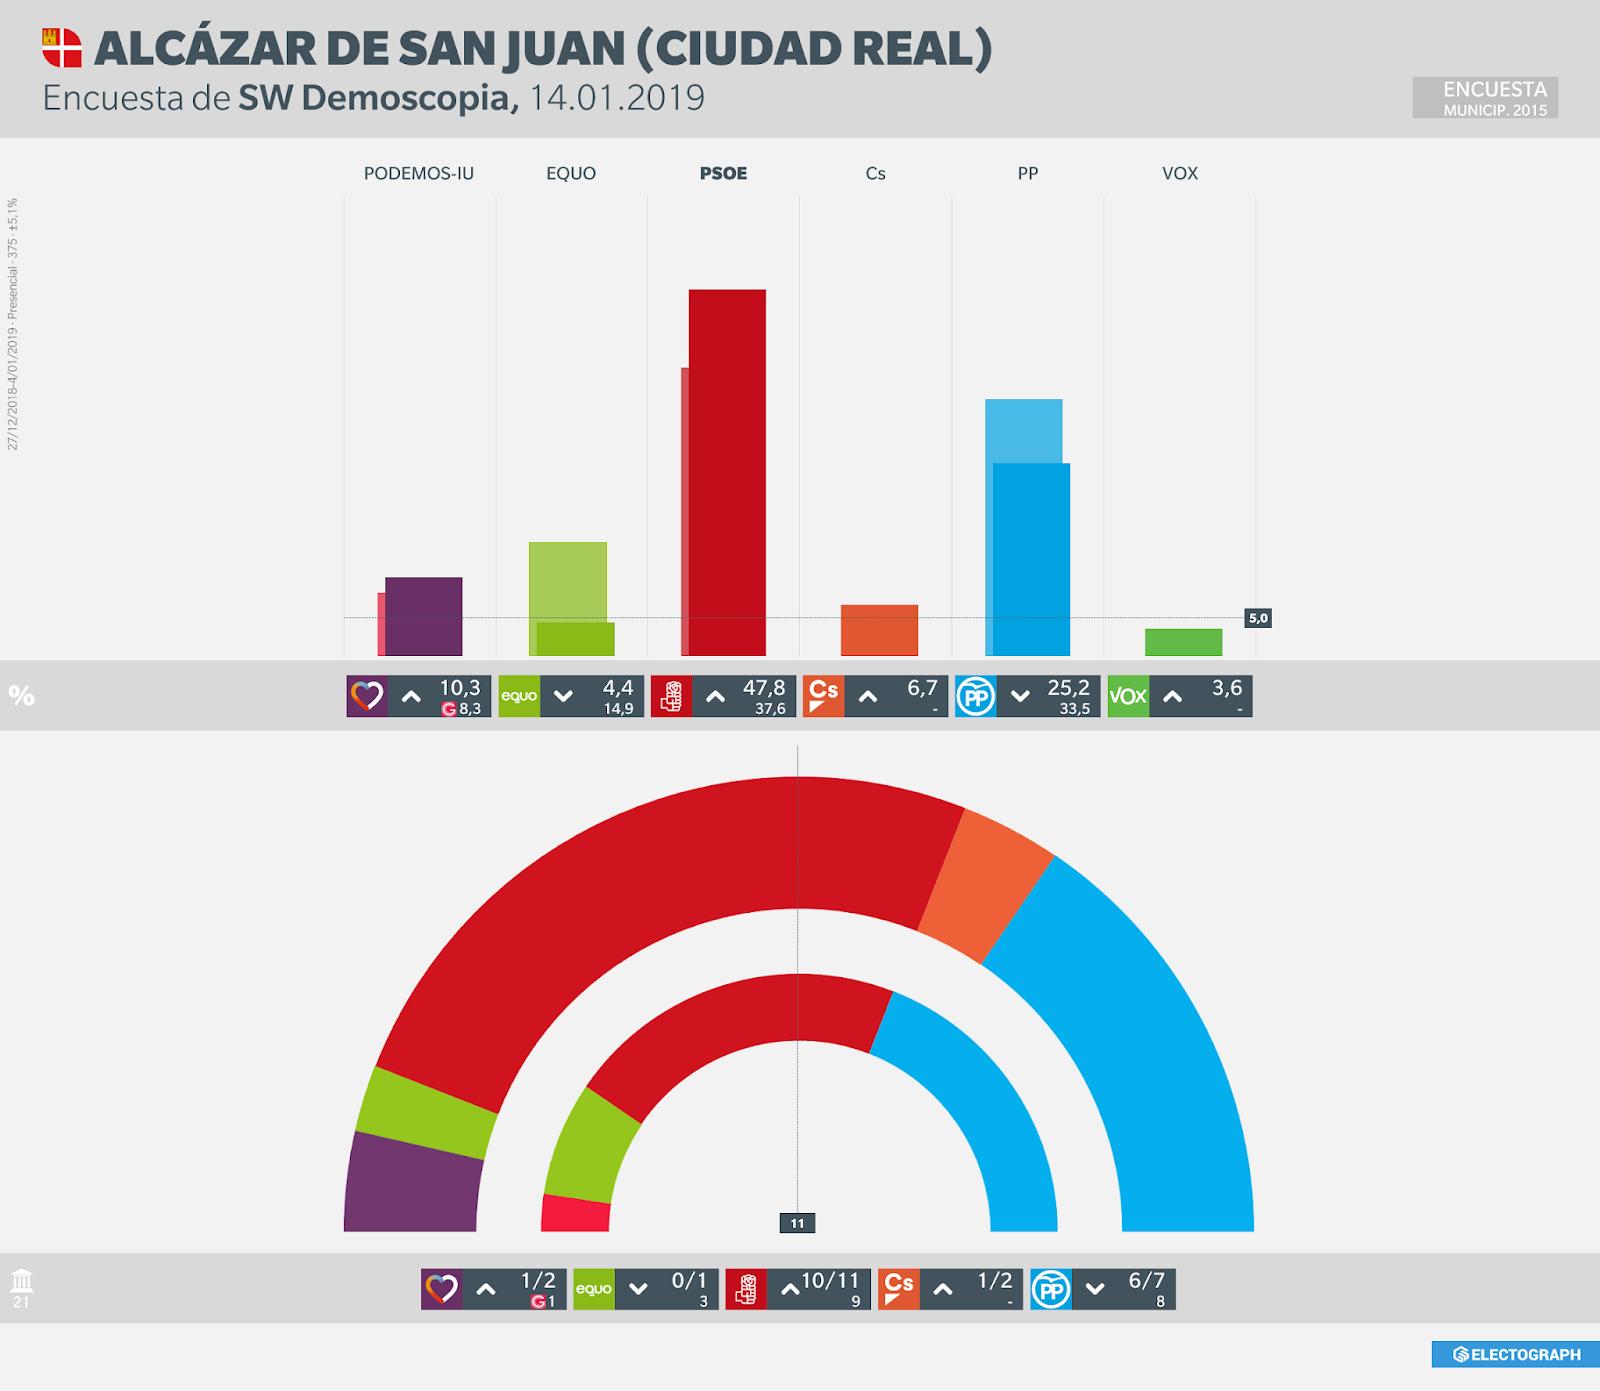 Gráfico de la encuesta para elecciones municipales en Alcázar de San Juan realizada por SW Demoscopia, 14 de enero de 2019